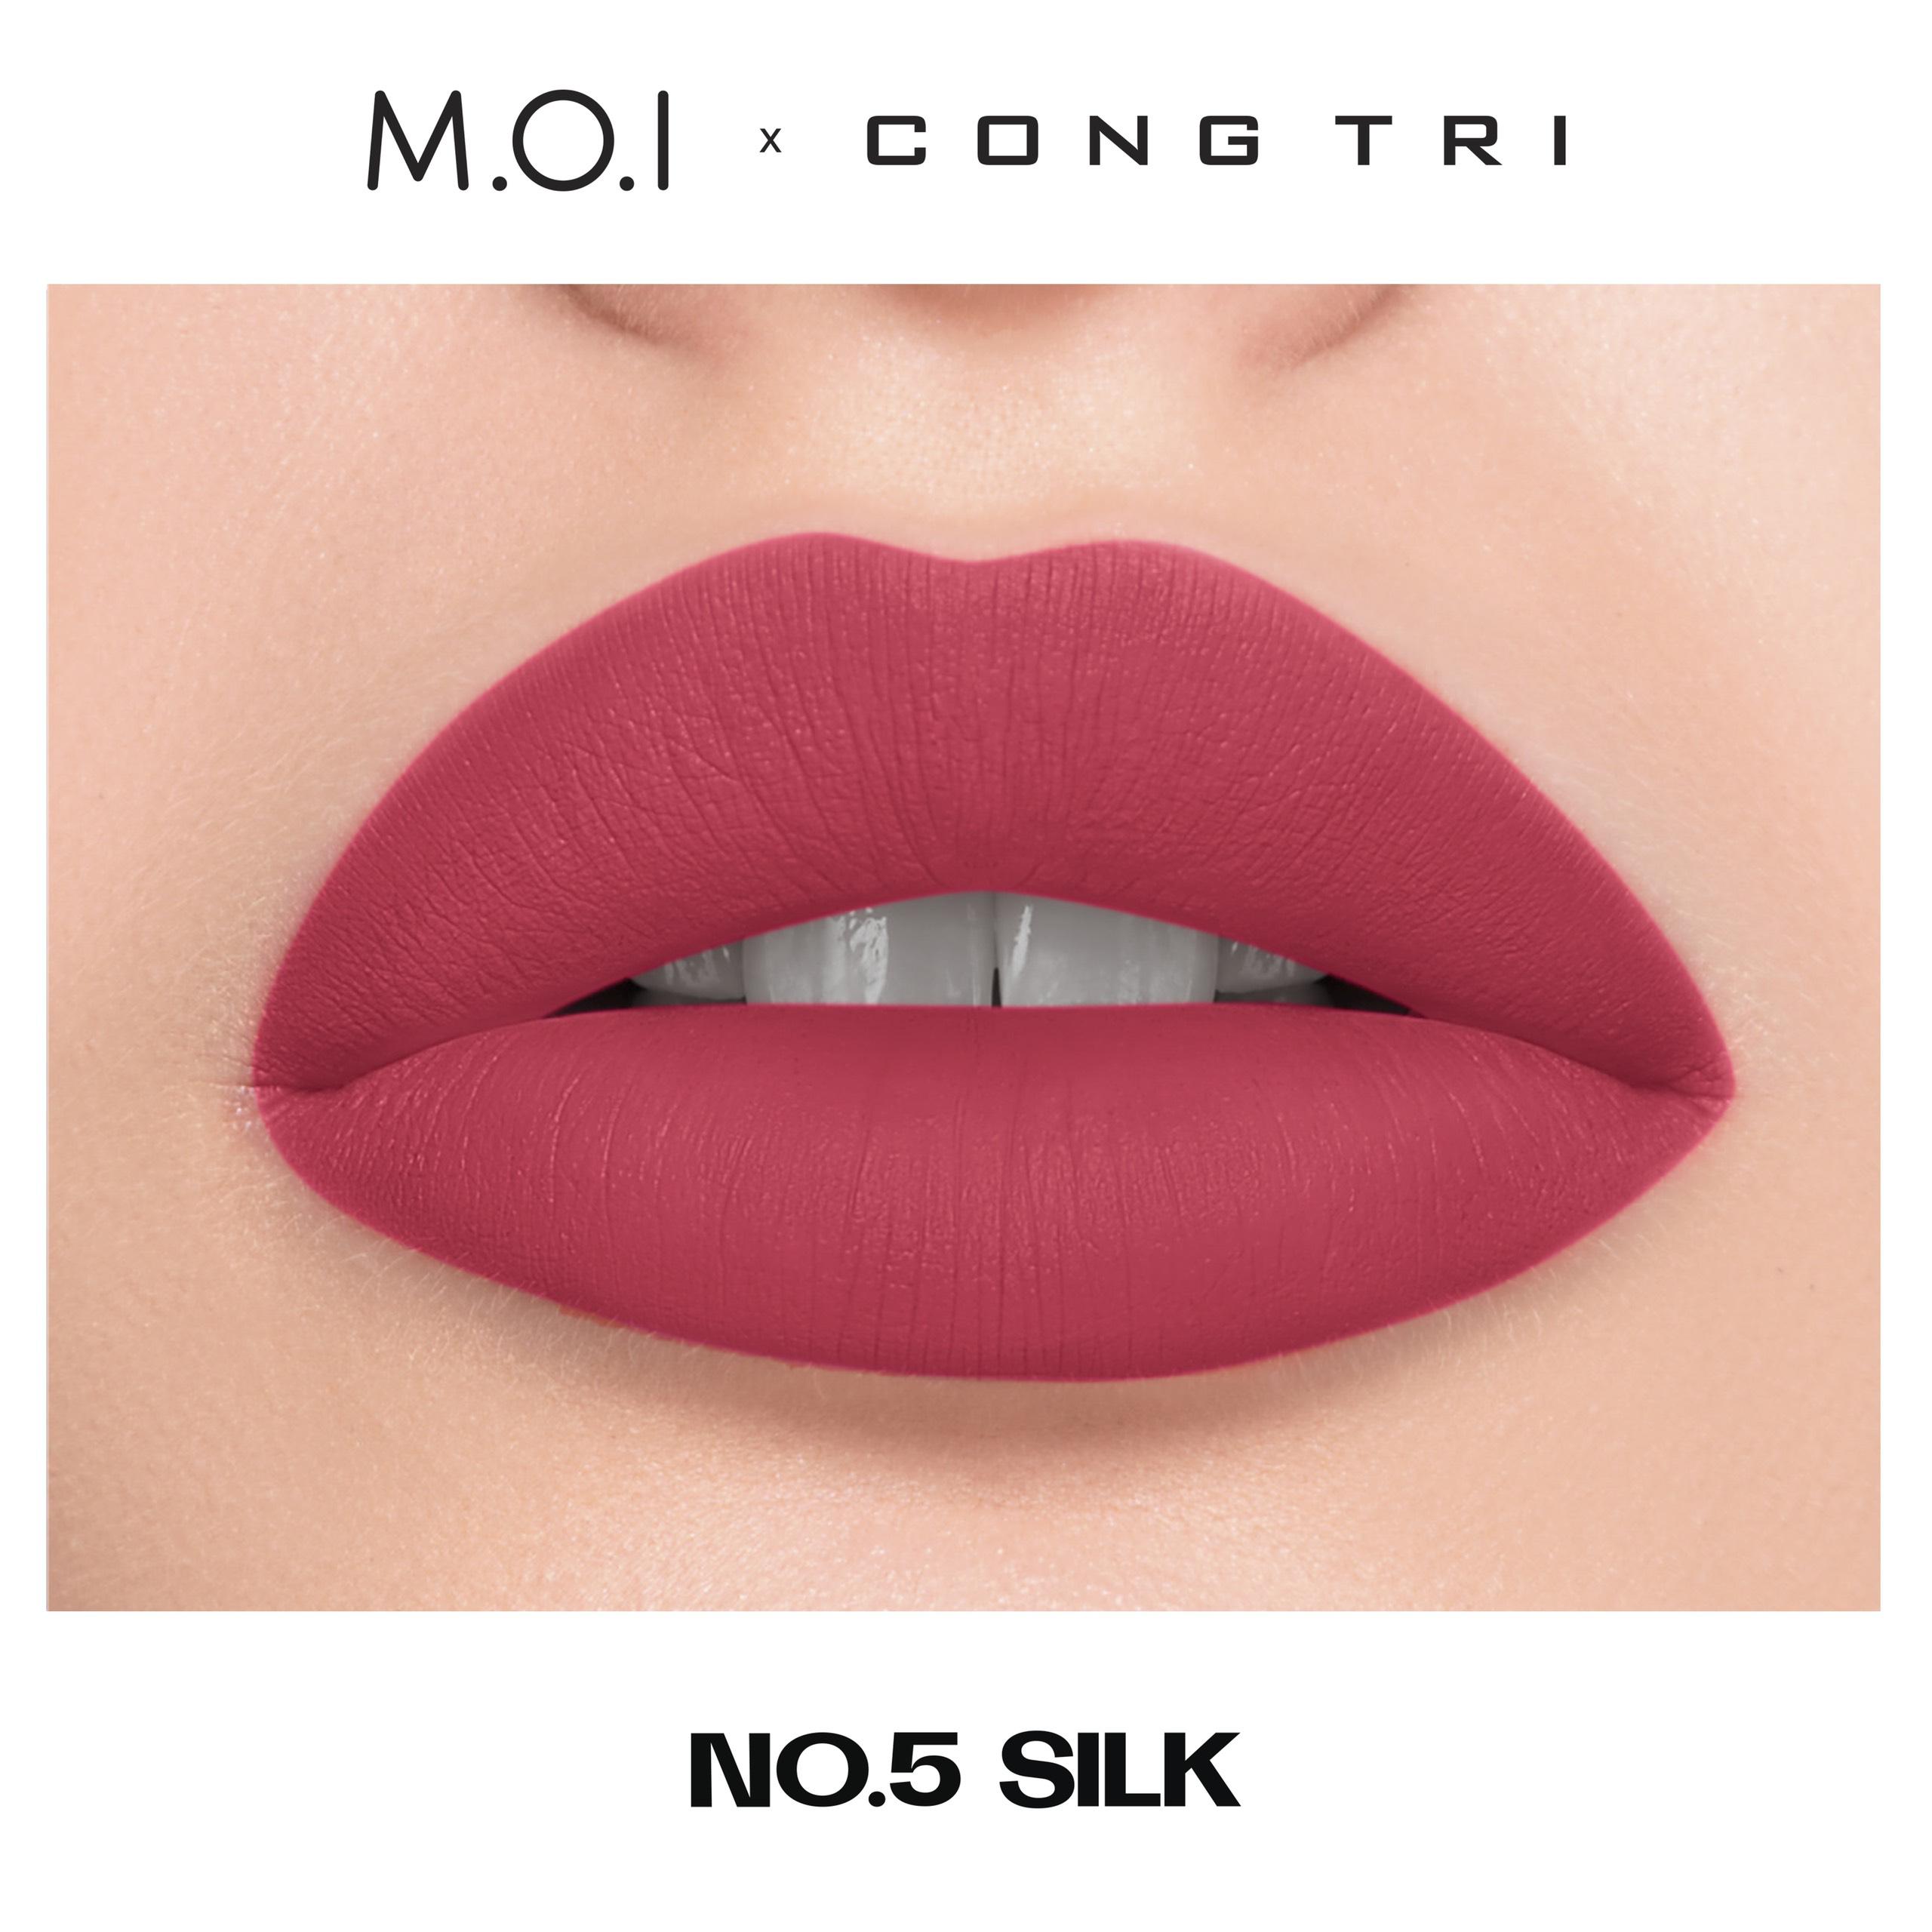 NO.05 -SILK - BST SON M.O.I x CÔNG TRÍ.